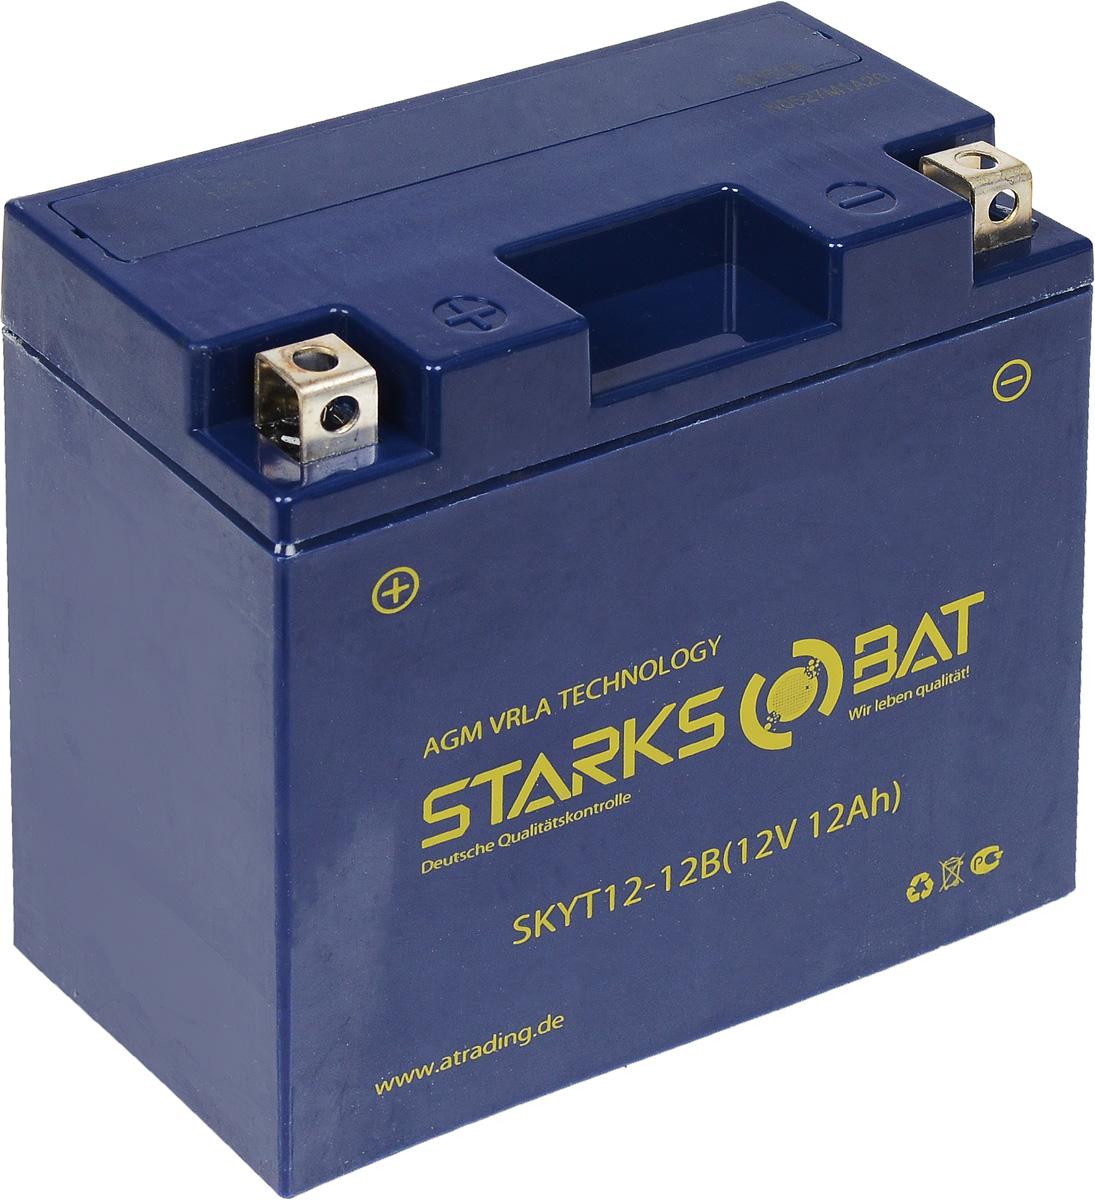 Батарея аккумуляторная для мотоциклов Starksbat. YT 12-12B (YT14B-BS)YT 12-12BАккумулятор Starksbat изготовлен по технологии AGM, обеспечивающей повышенный уровень безопасности батареи и удобство ее эксплуатации. Корпус выполнен из особо ударопрочного и морозостойкого полипропилена. Аккумулятор блестяще доказал свои высокие эксплуатационные свойства в самых экстремальных условиях бездорожья, высоких и низких температур. Аккумуляторная батарея Starksbat производится под знаменитым немецким контролем качества, что обеспечивает ему высокие пусковые характеристики и восстановление емкости даже после глубокого разряда. Напряжение: 12 В. Емкость: 12 Ач. Полярность: прямая (+ -). Ток холодной прокрутки: 160 Аh (EN).